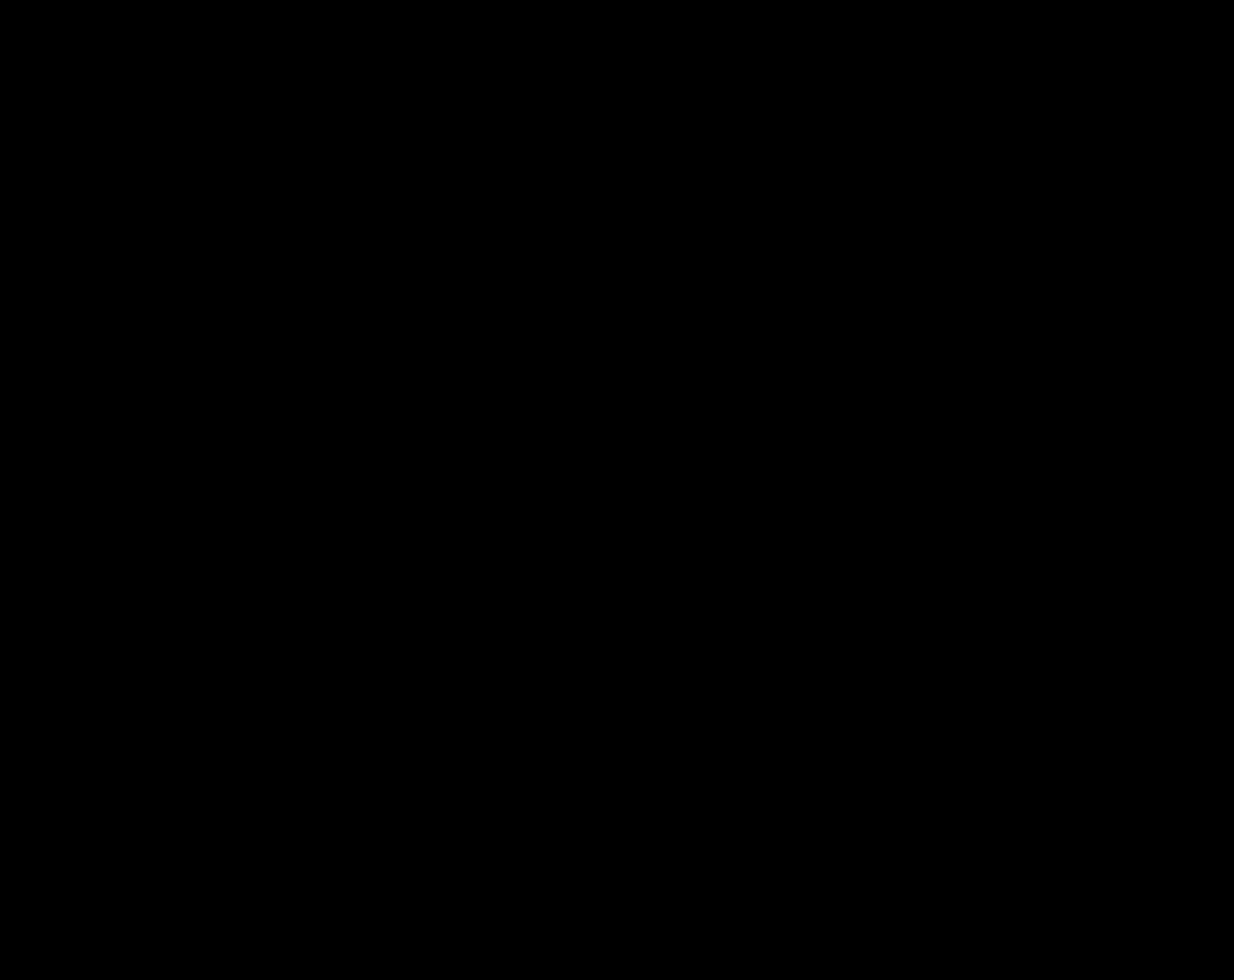 ecuestre png